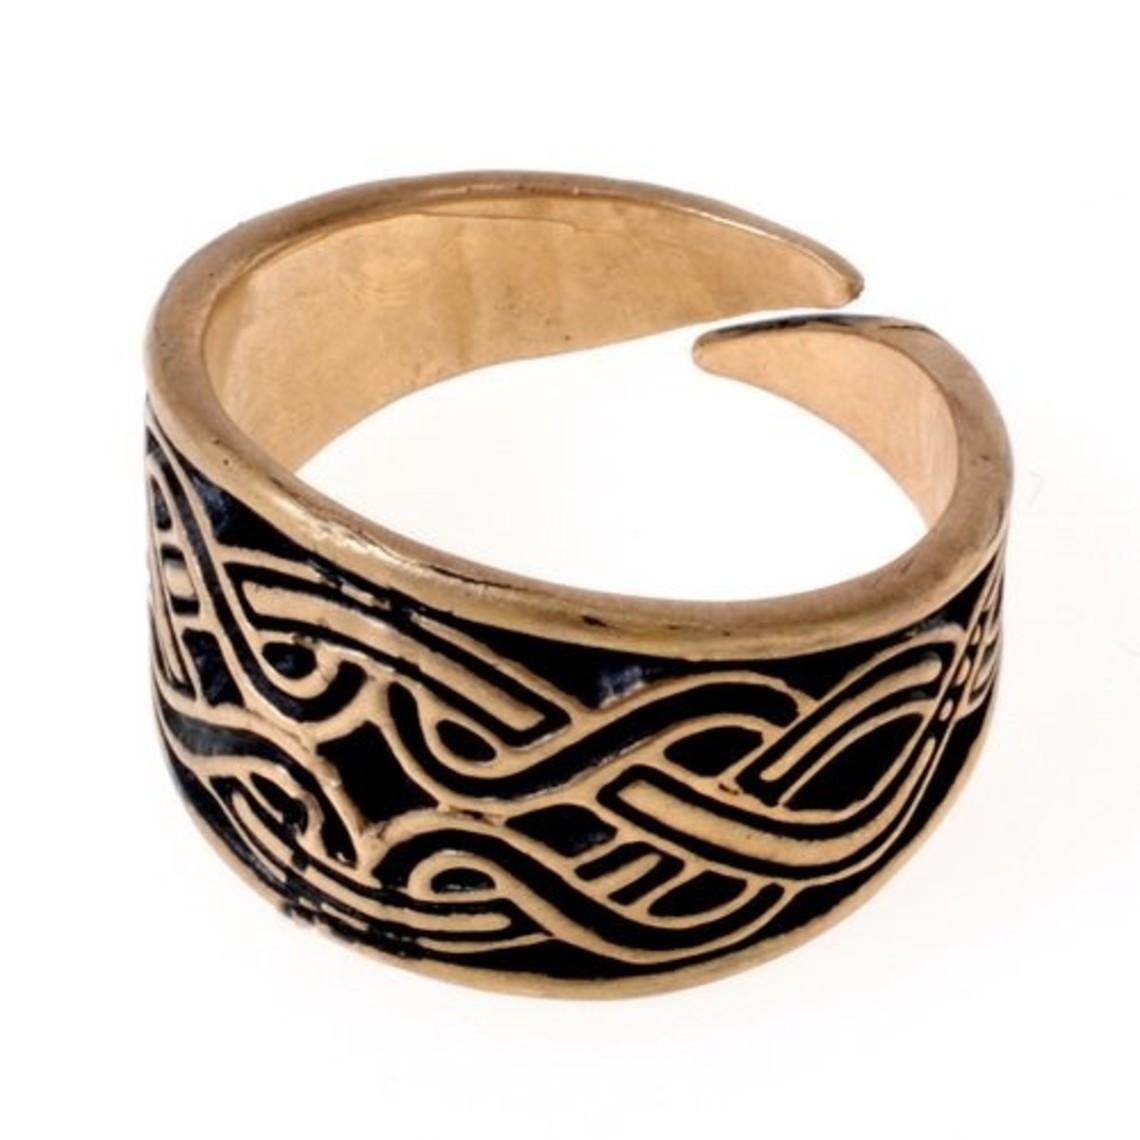 Magyar anillo con motivo de nudo, de bronce